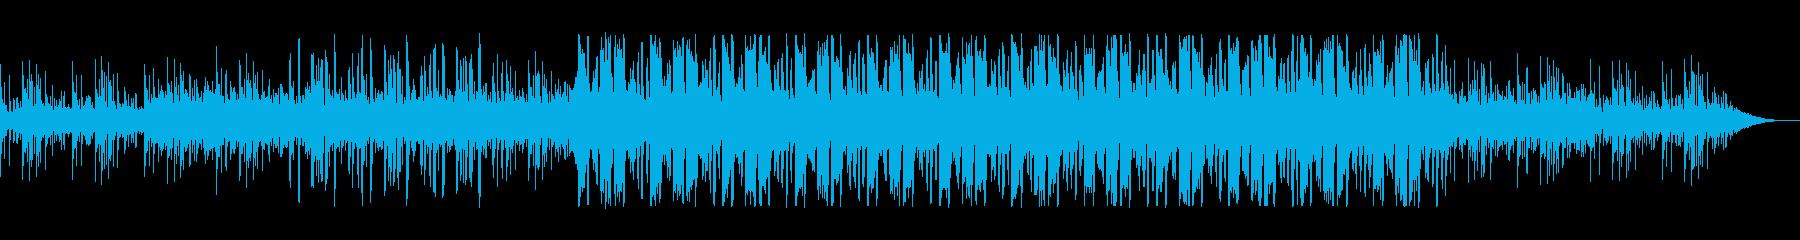 浮遊感のある、クールなエレクトロニカの再生済みの波形